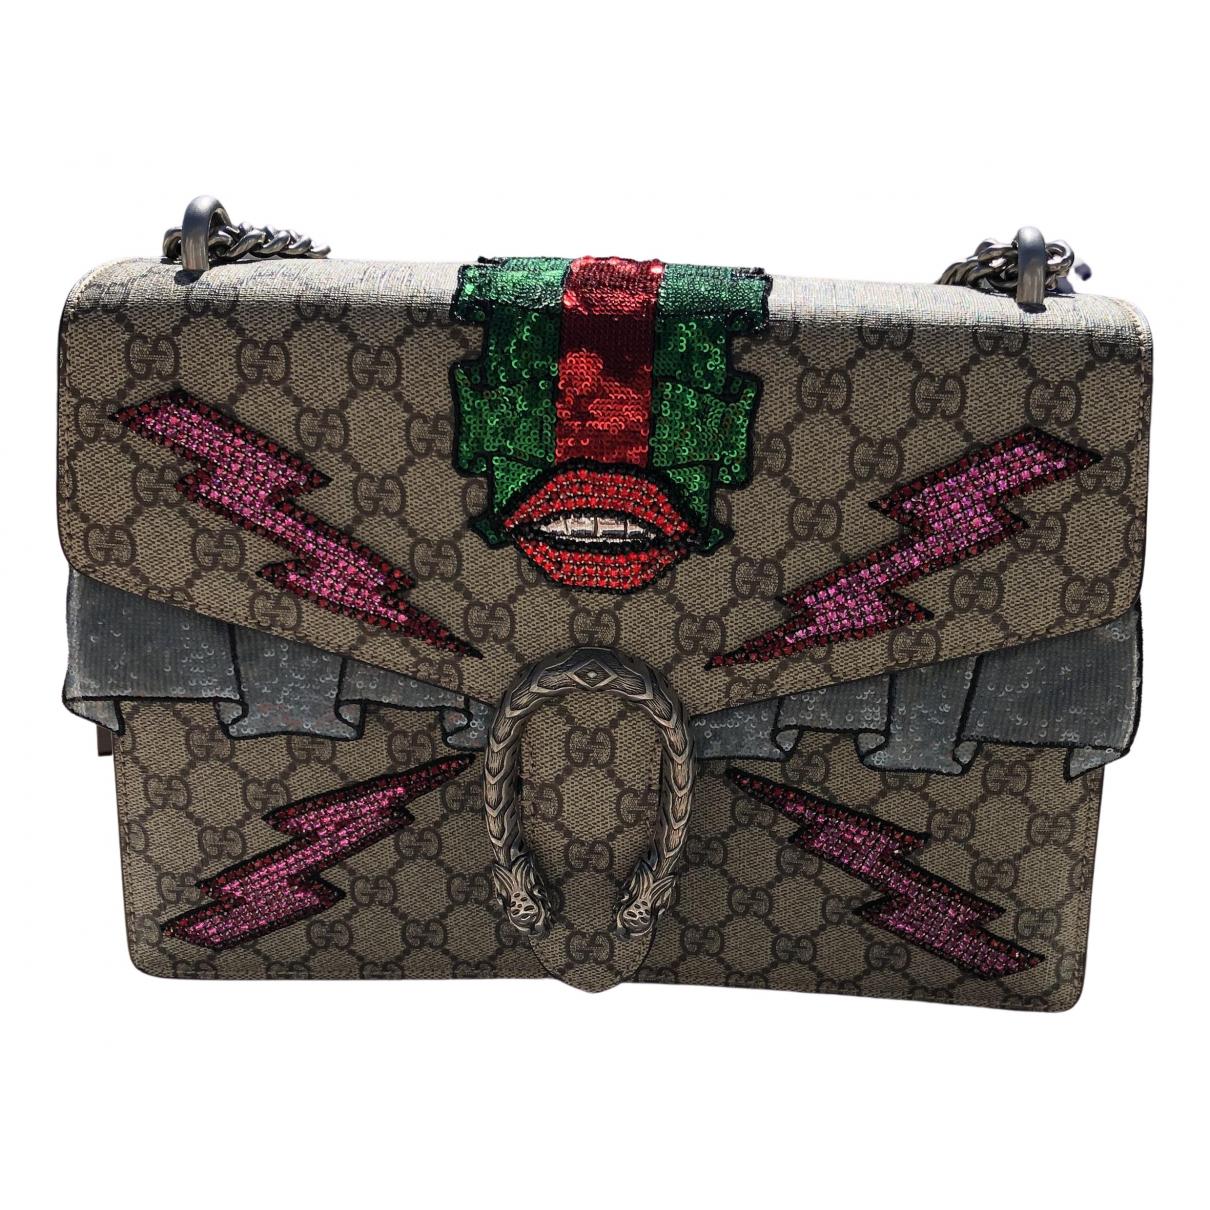 Gucci Dionysus Handtasche in  Beige Leinen